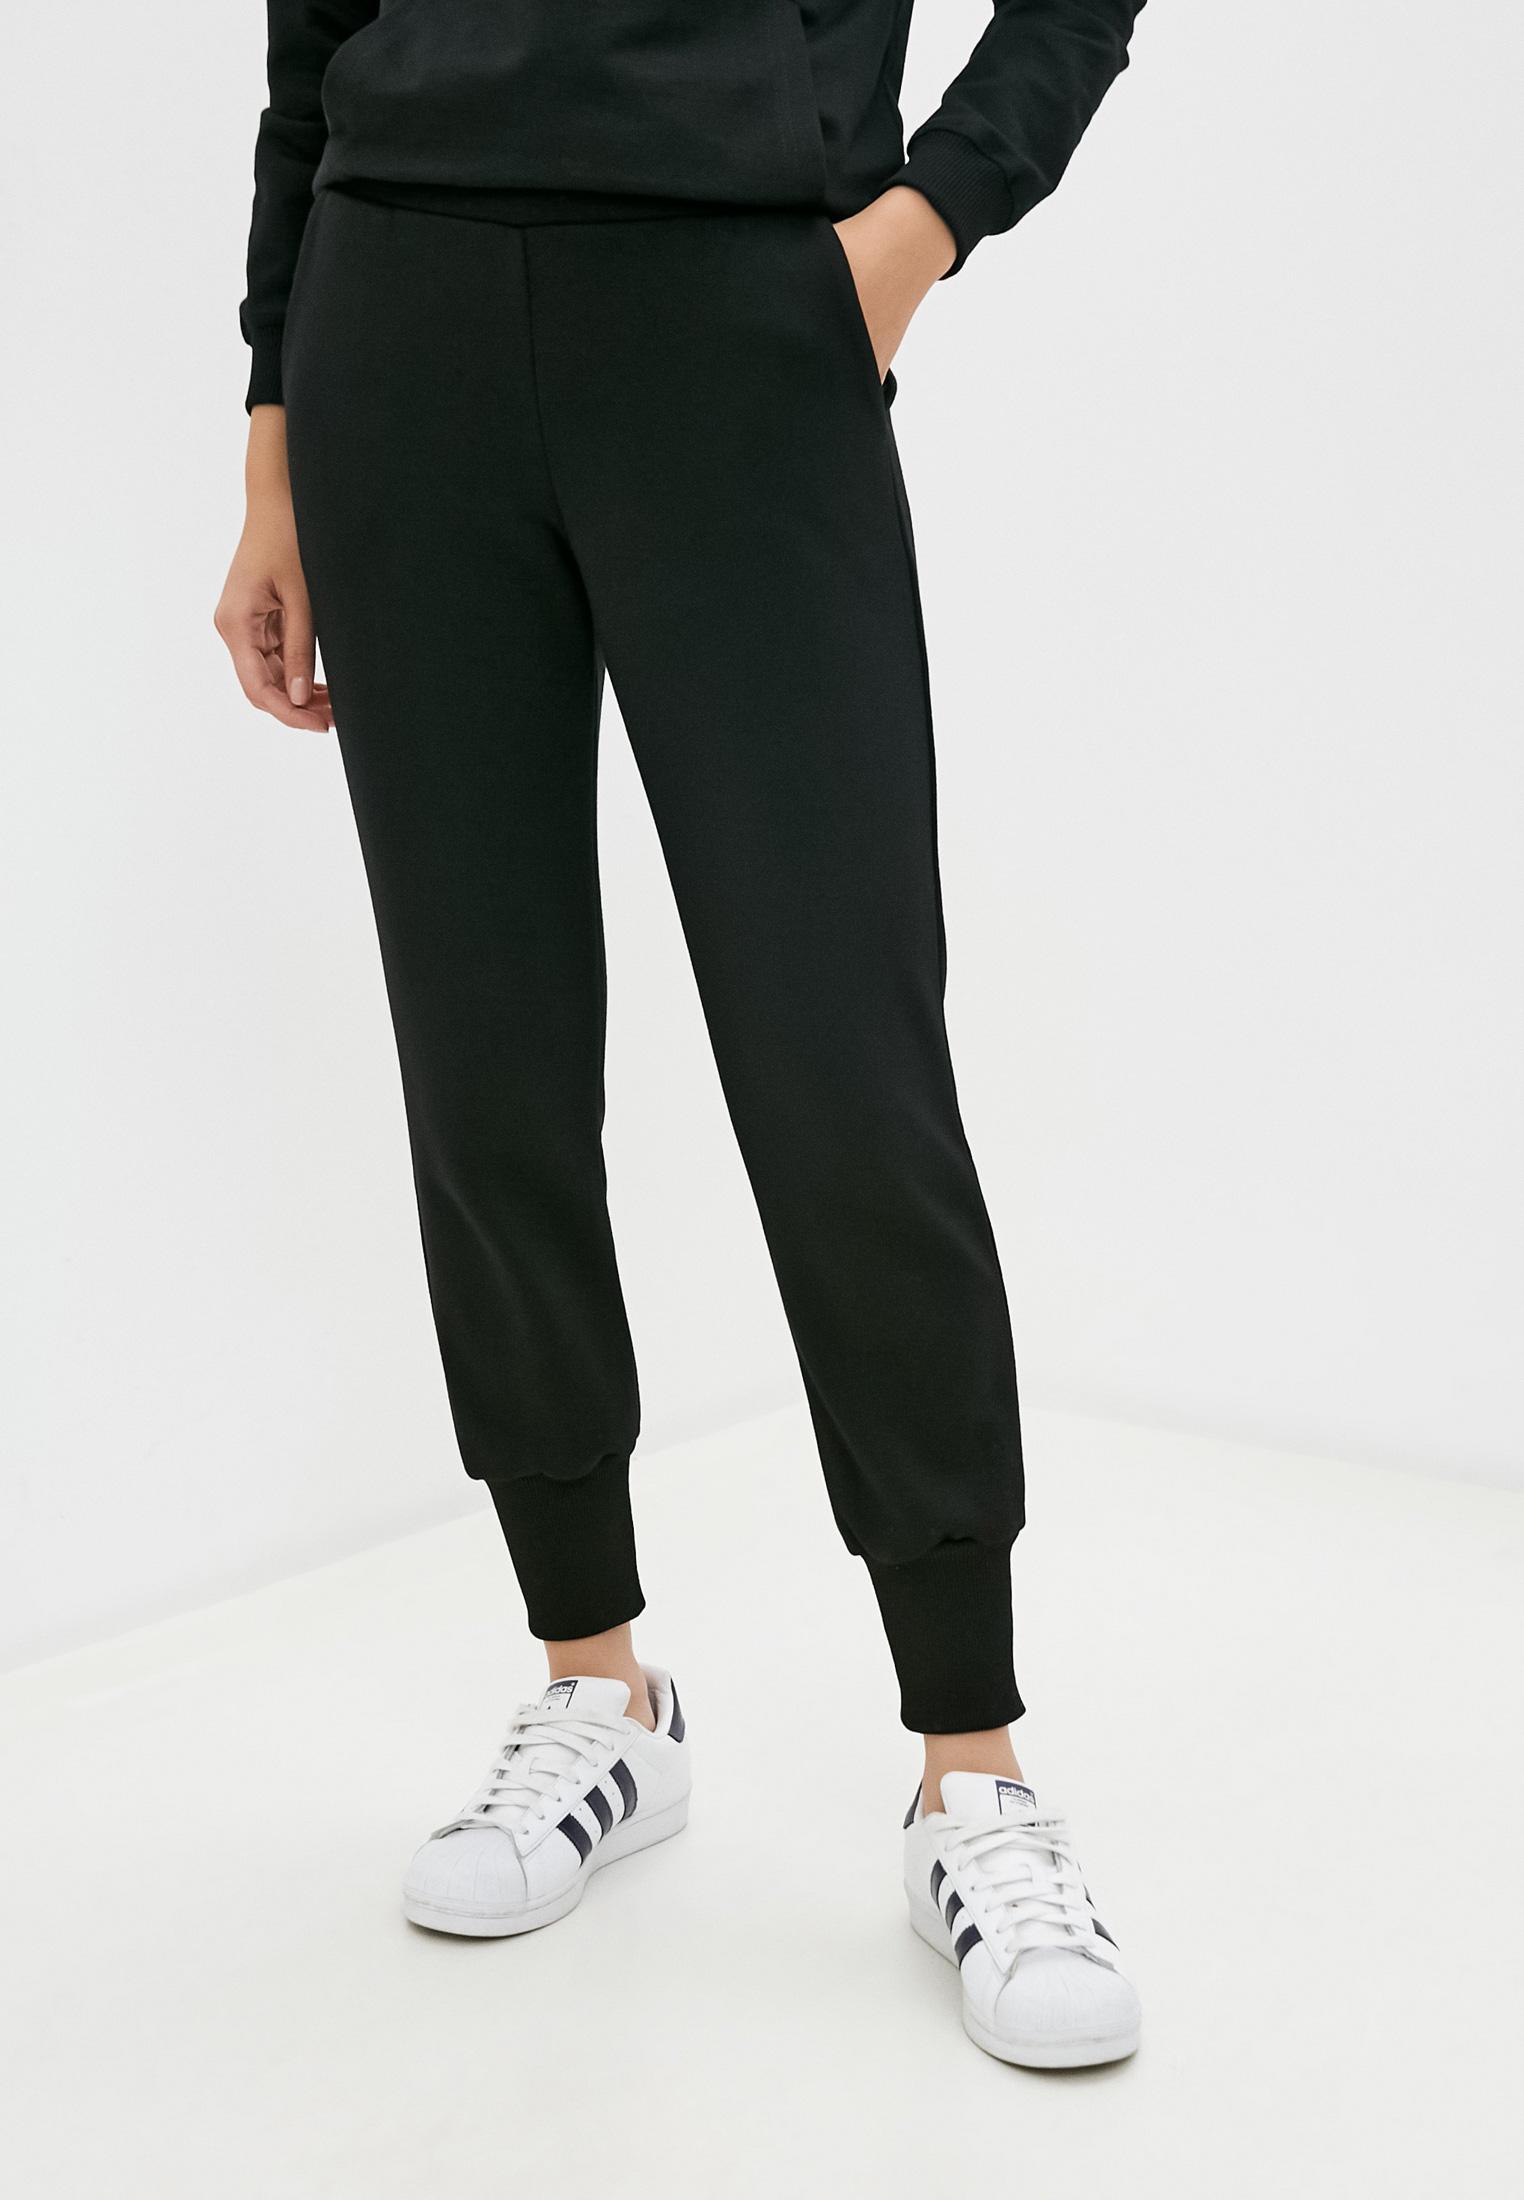 Женские спортивные брюки Pink Frost PF21FW-1323-CH